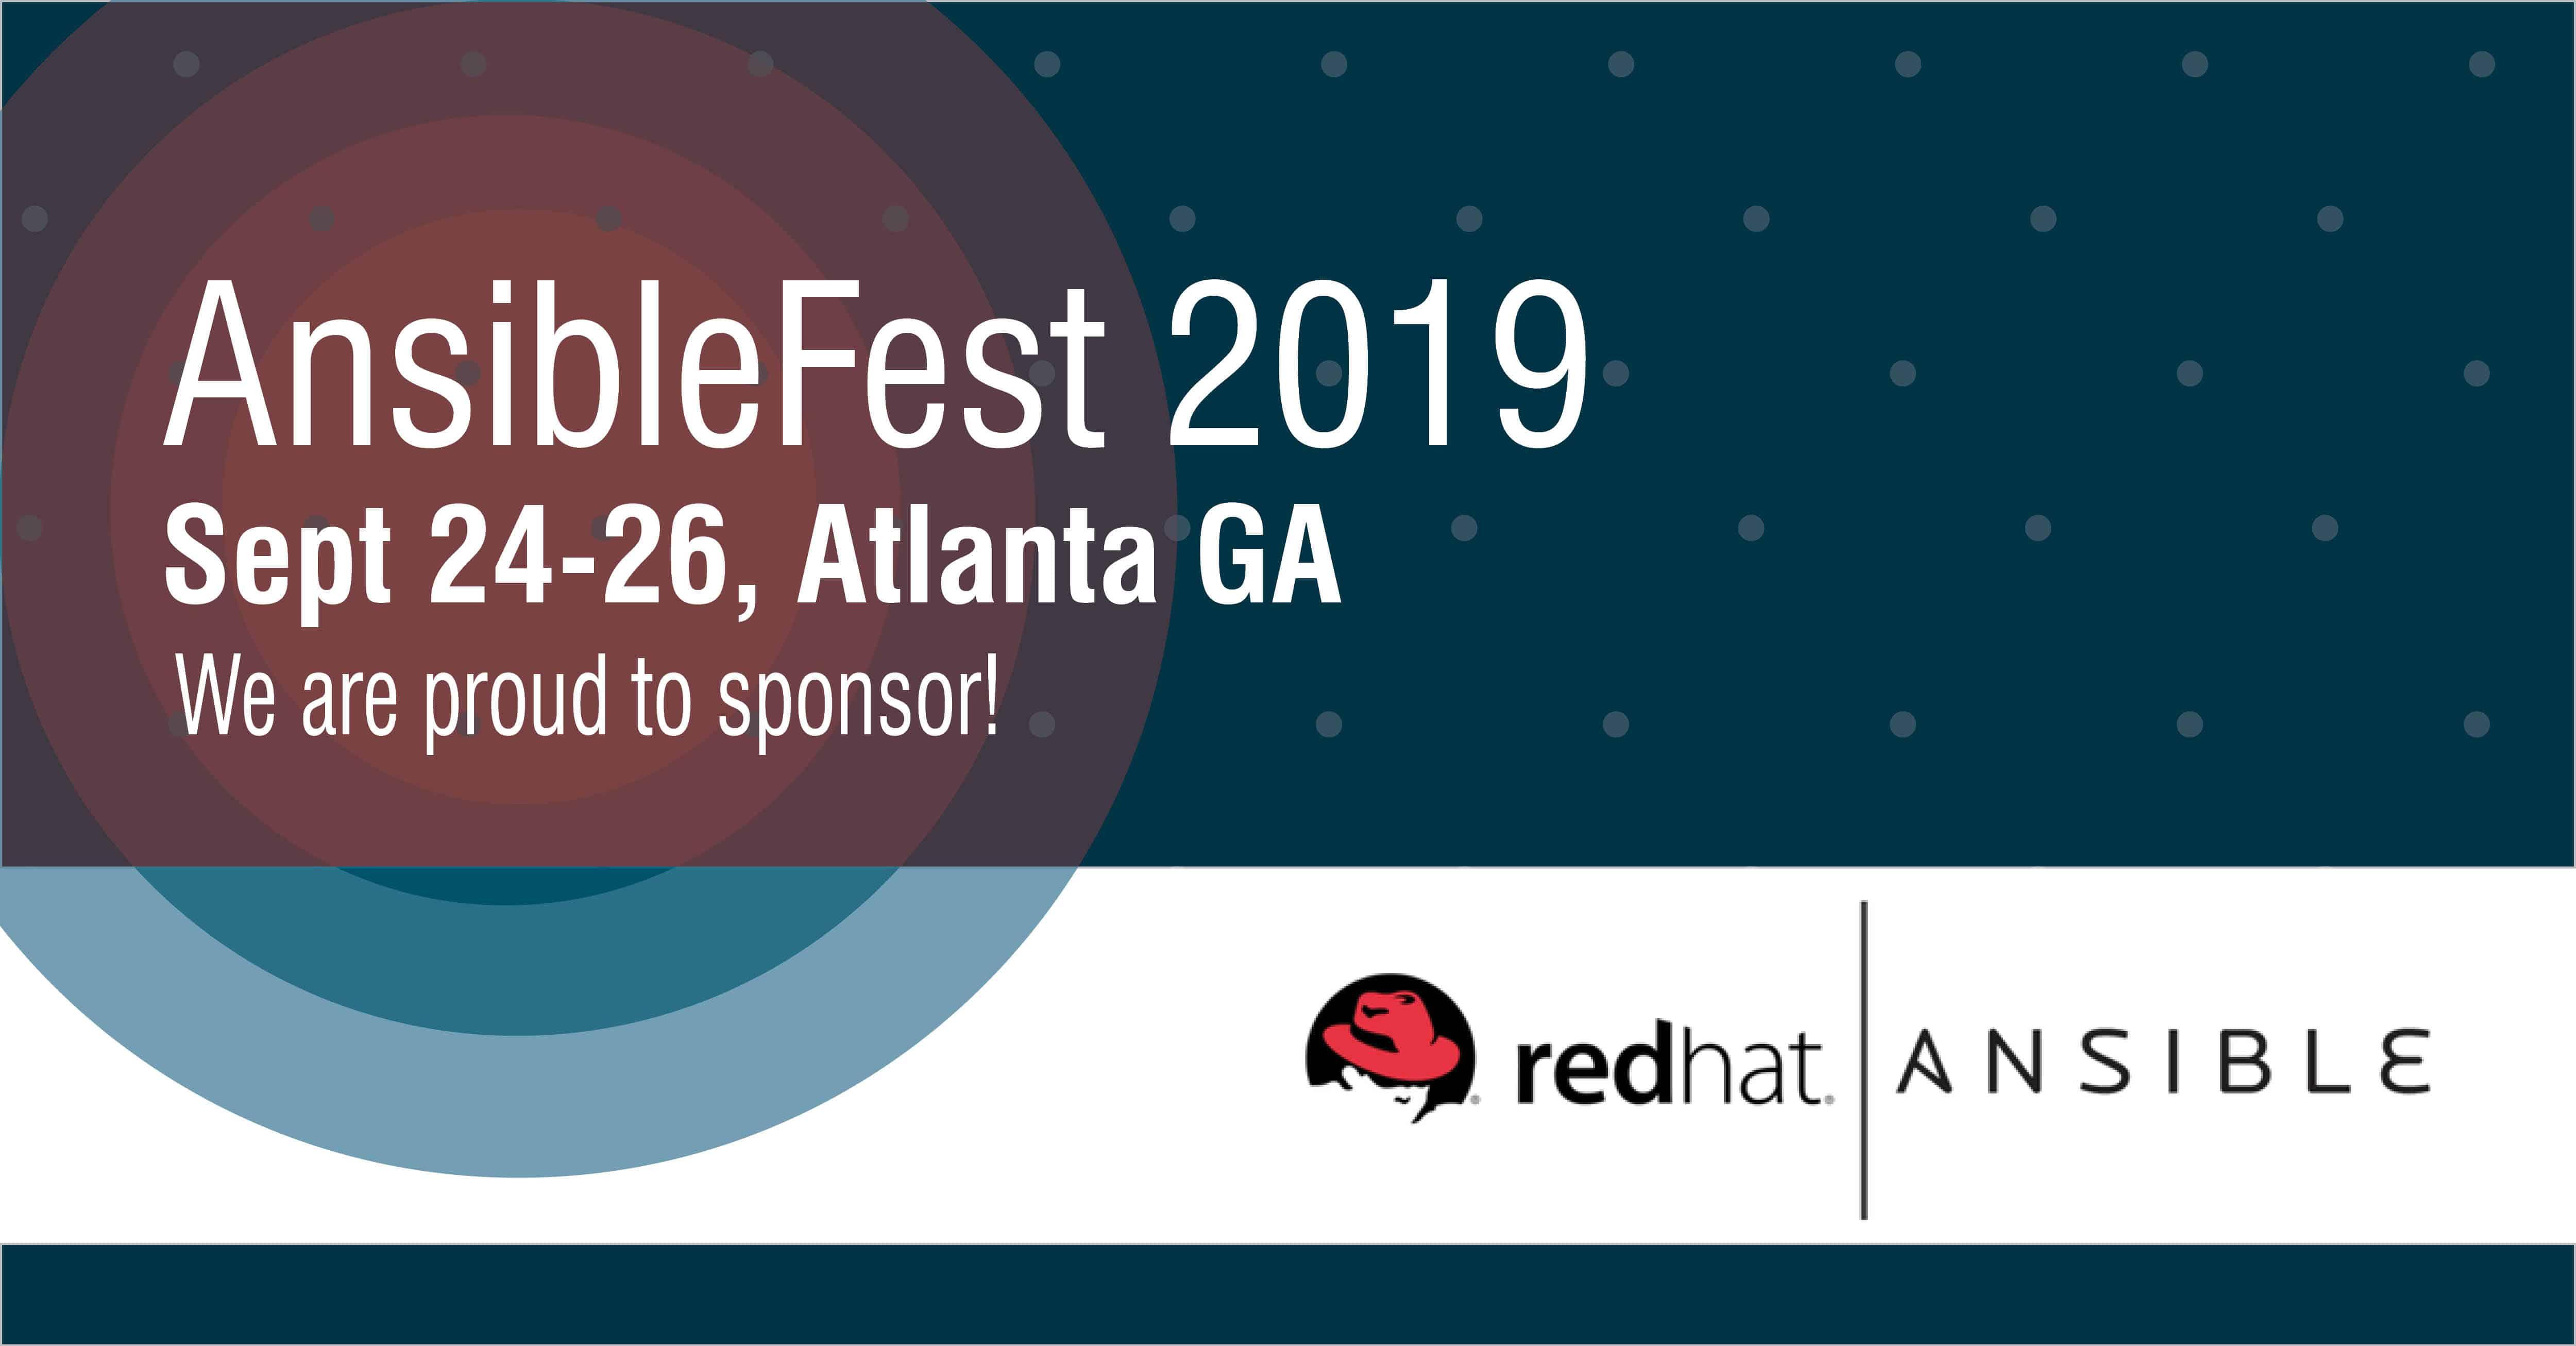 AnsibleFest 2019 - September 24-26, Atlanta GA